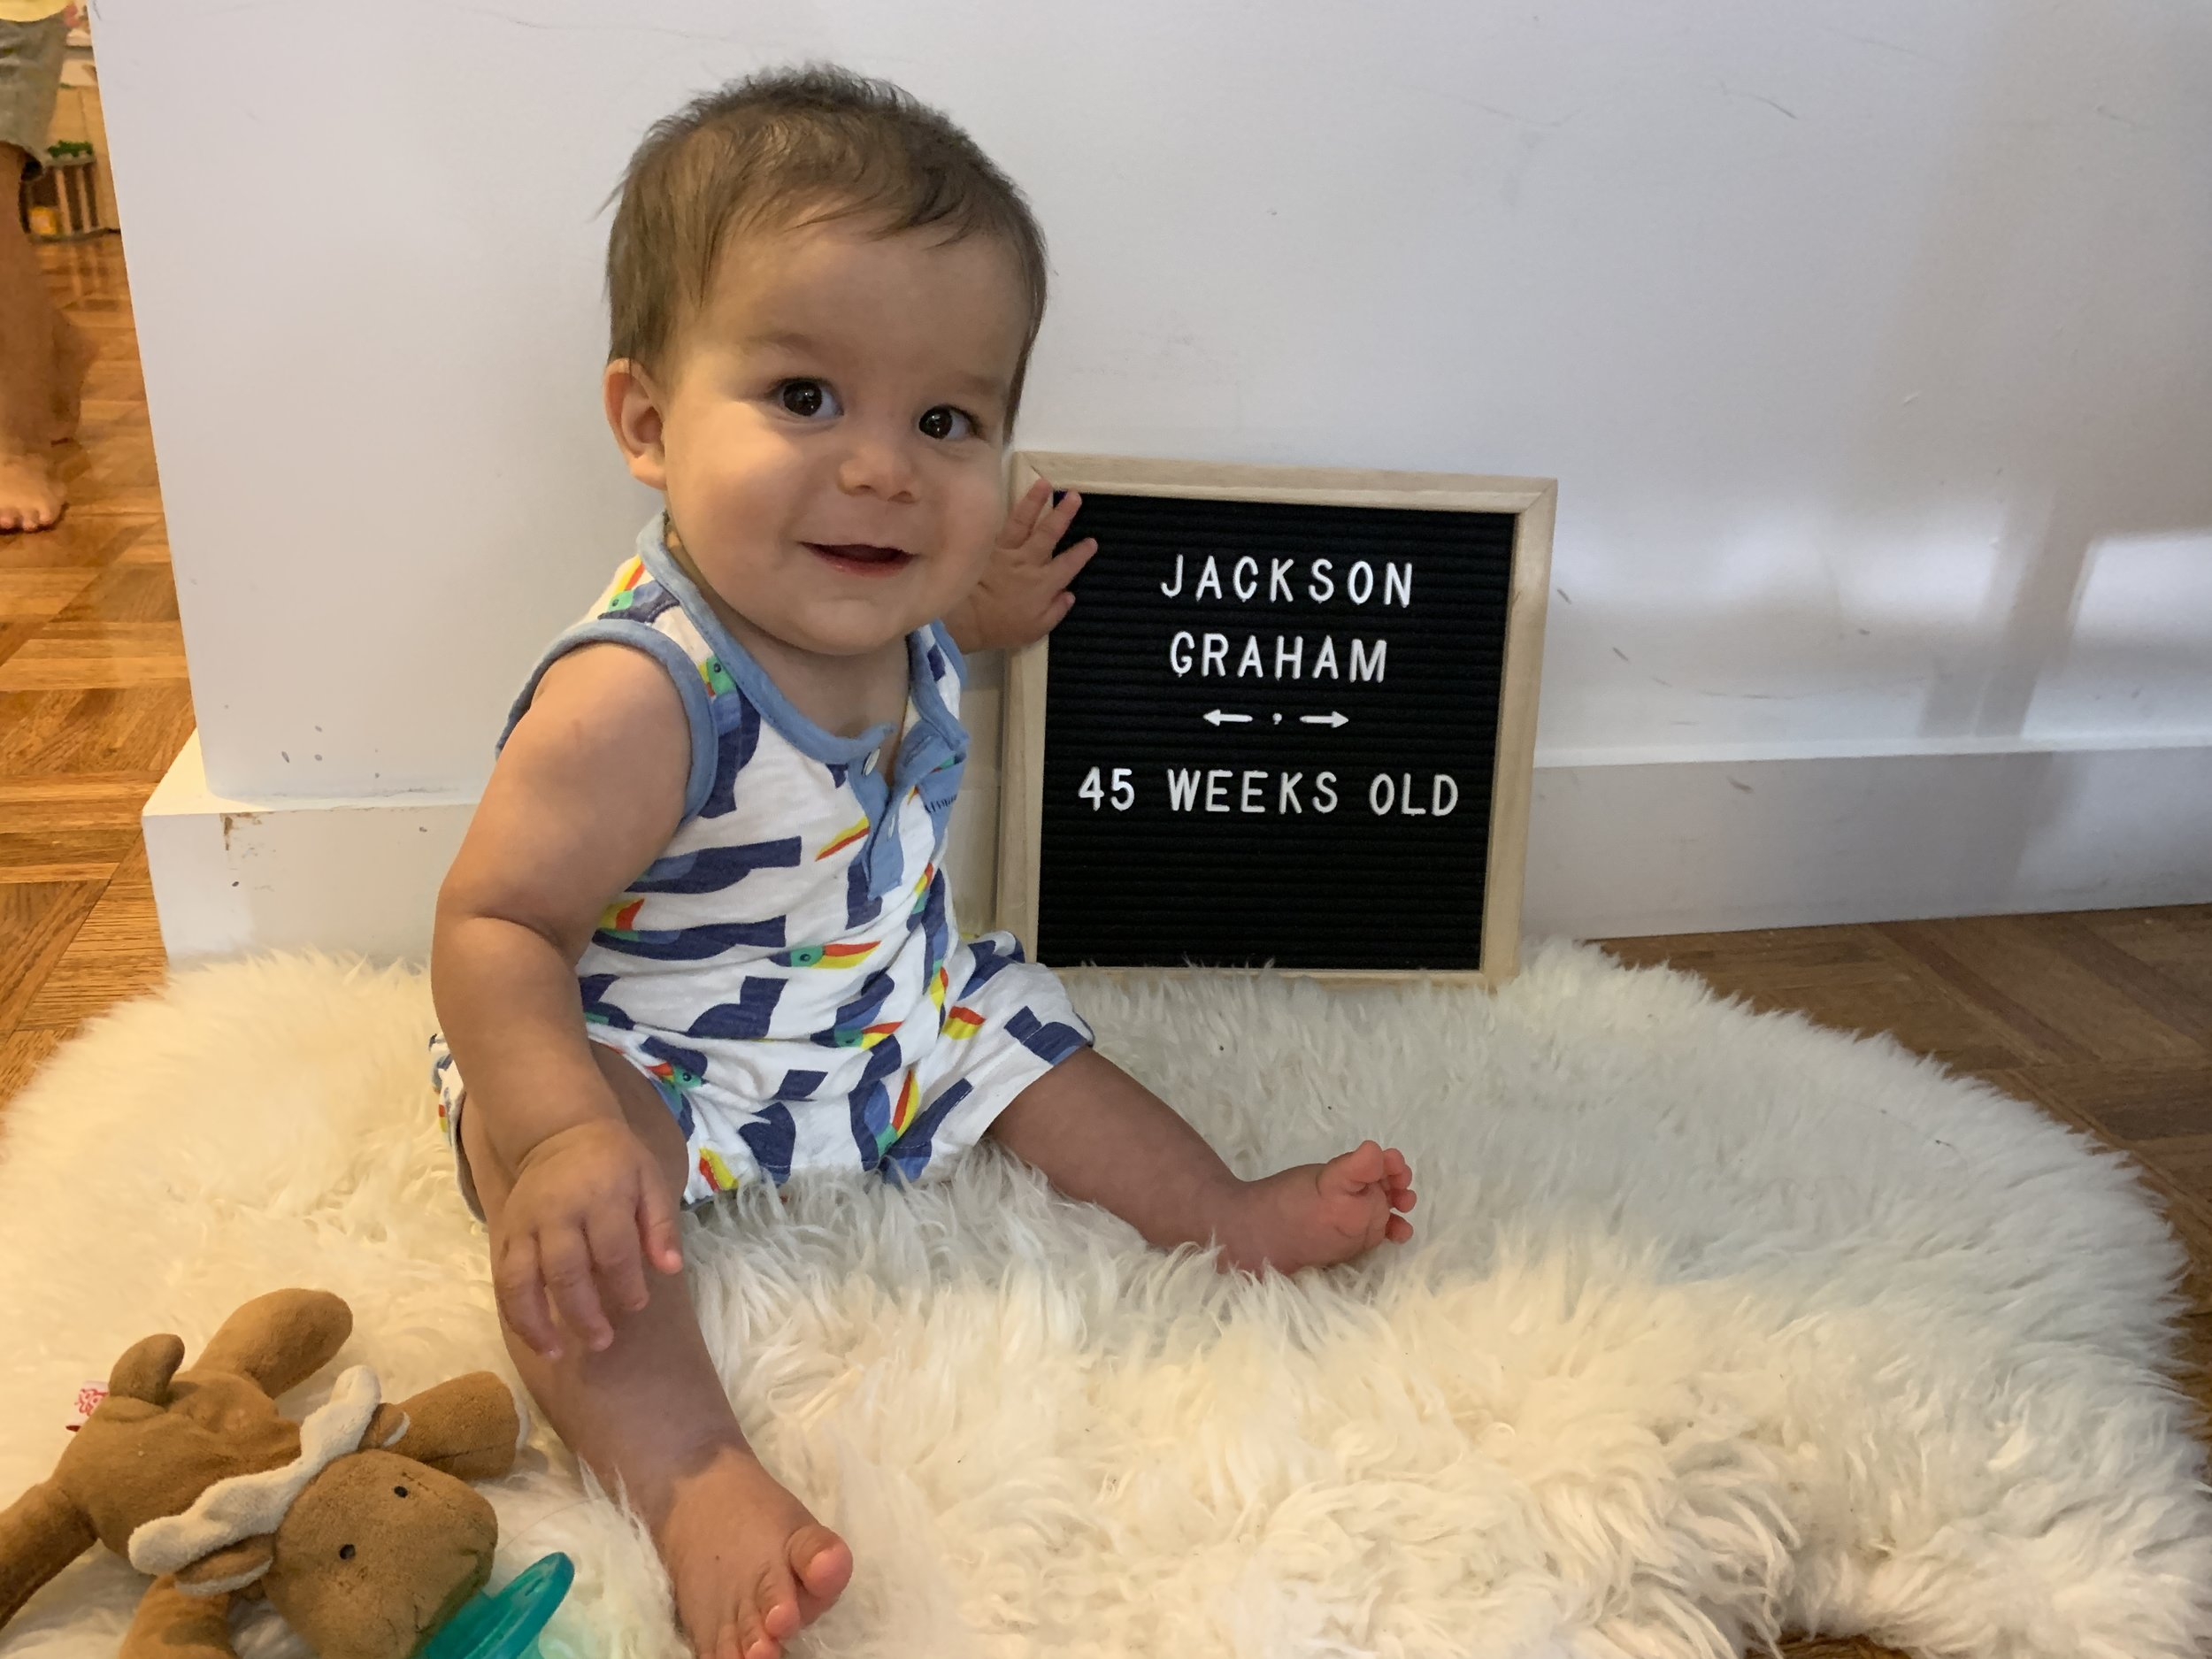 45 weeks old